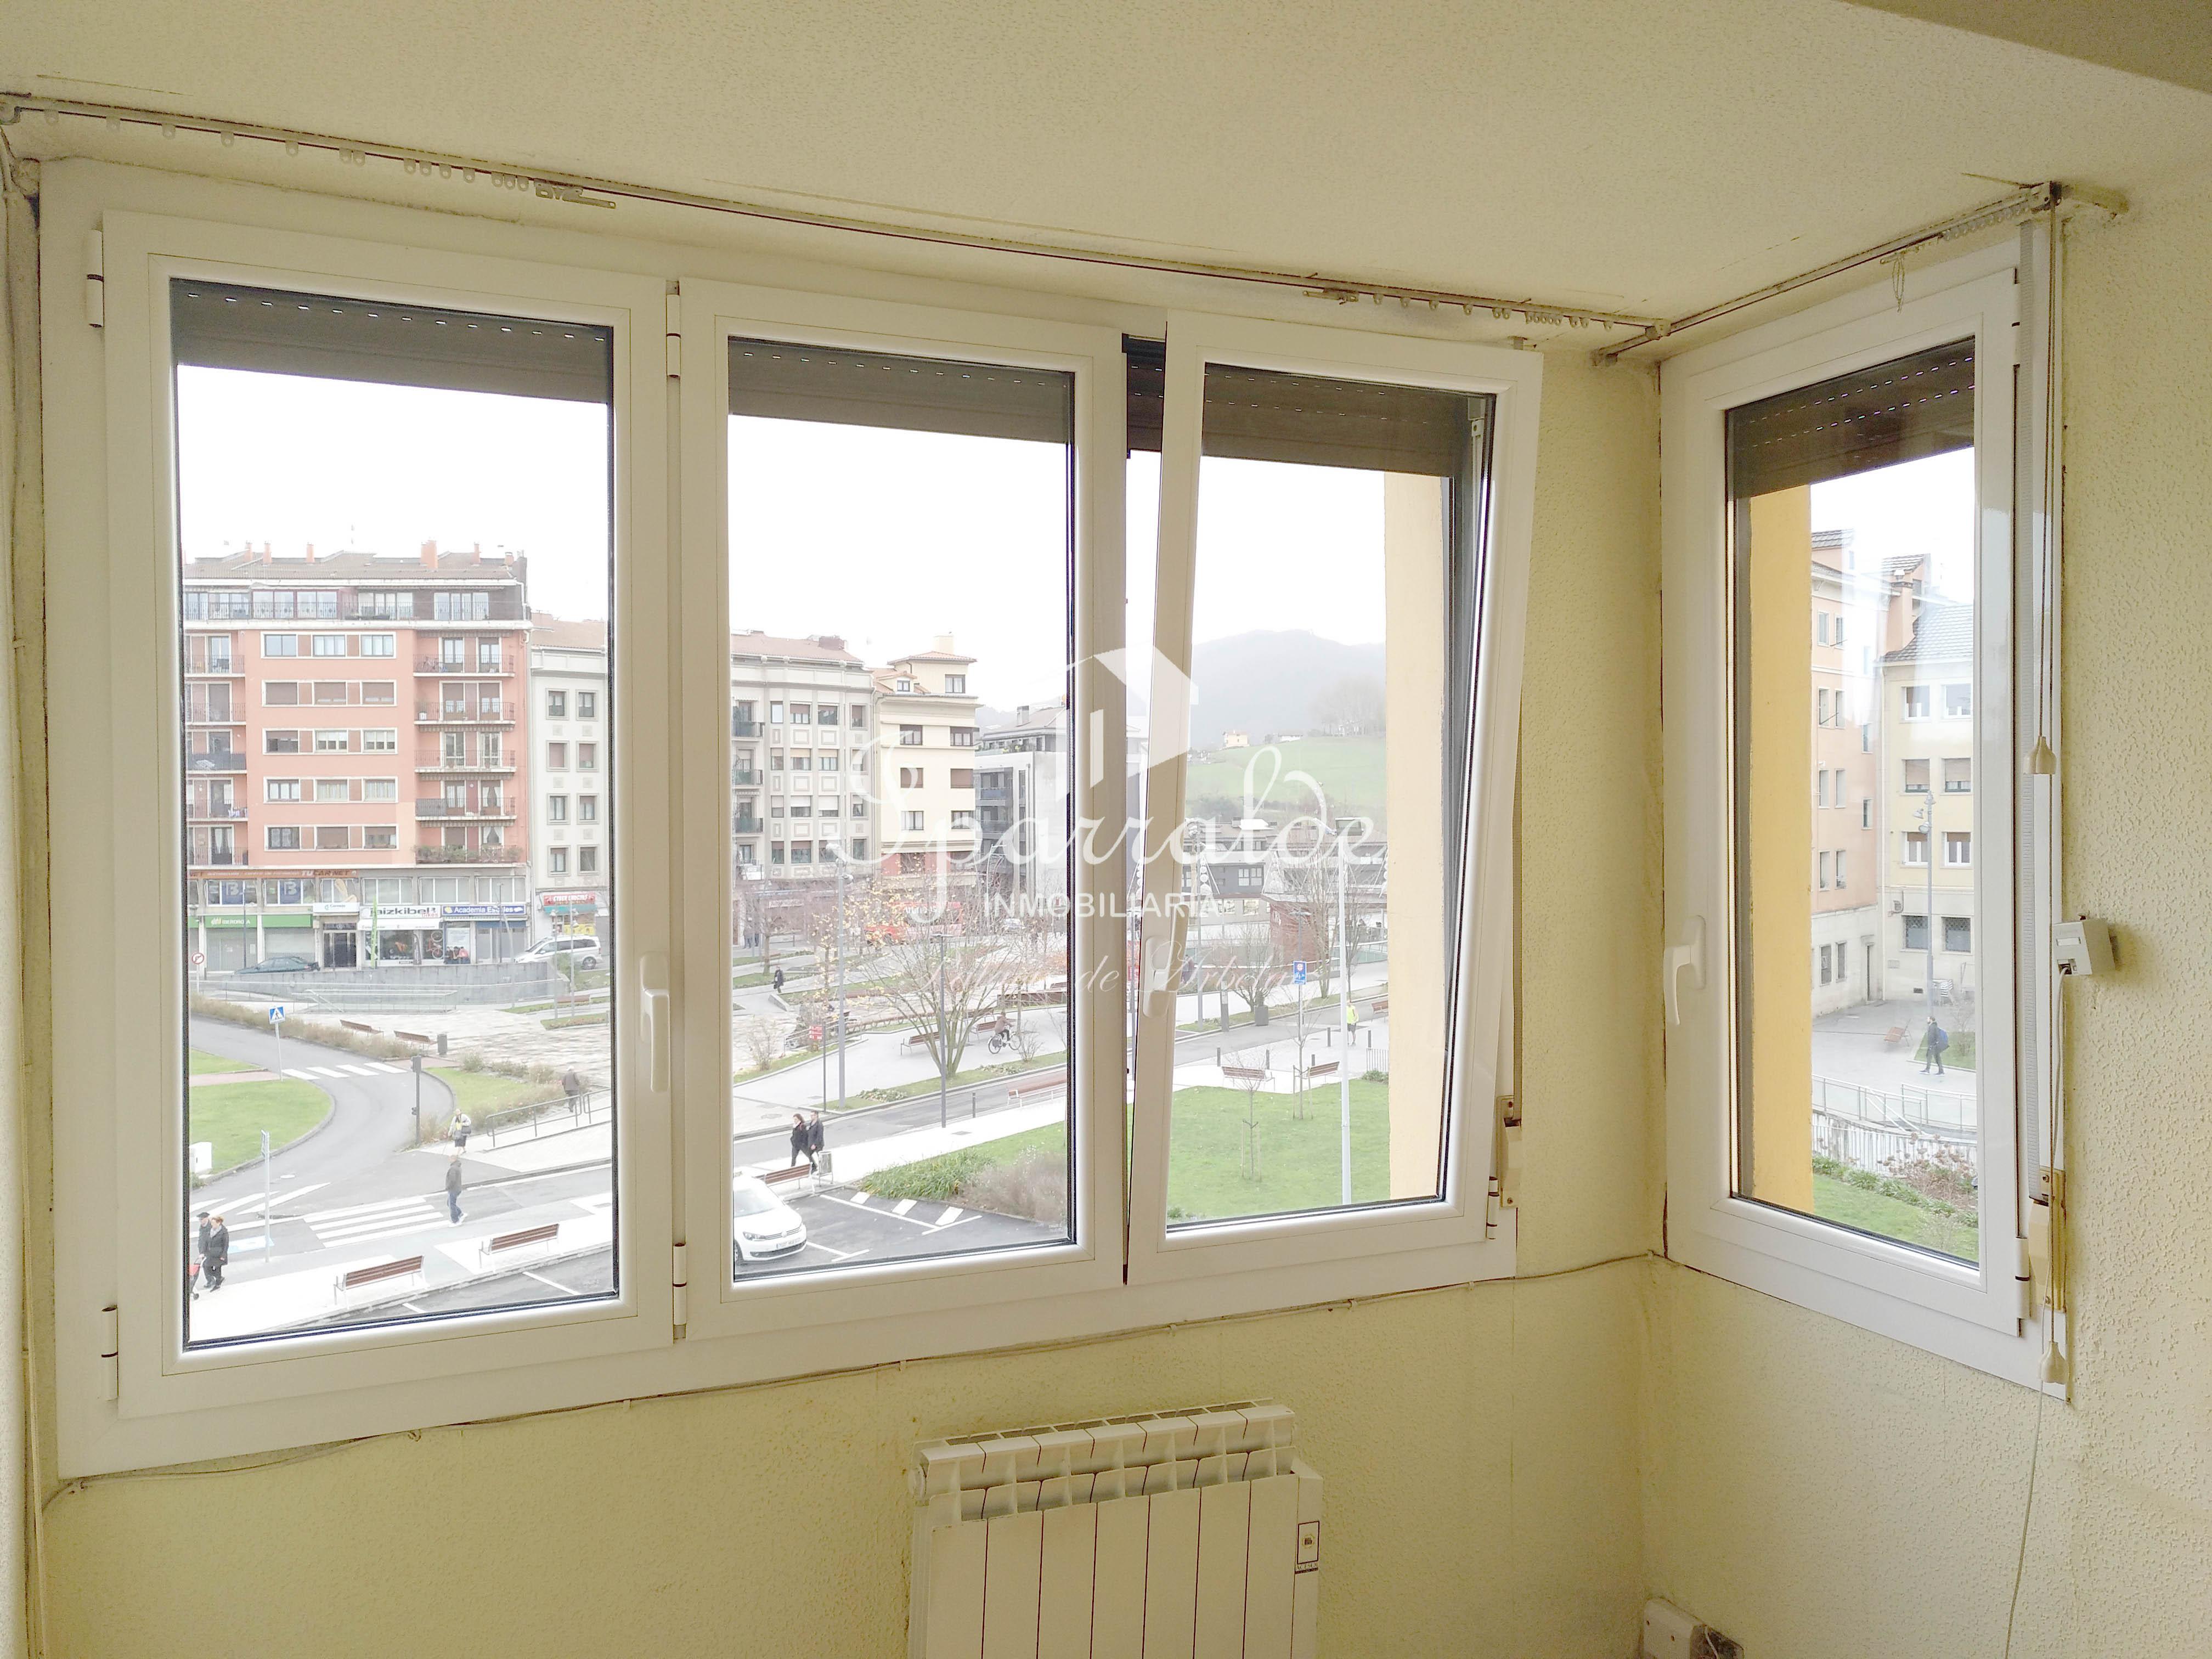 Hermoso piso de 110m², con tres dormitorios, 2 baños, cocina independiente , todo exterior a reformar